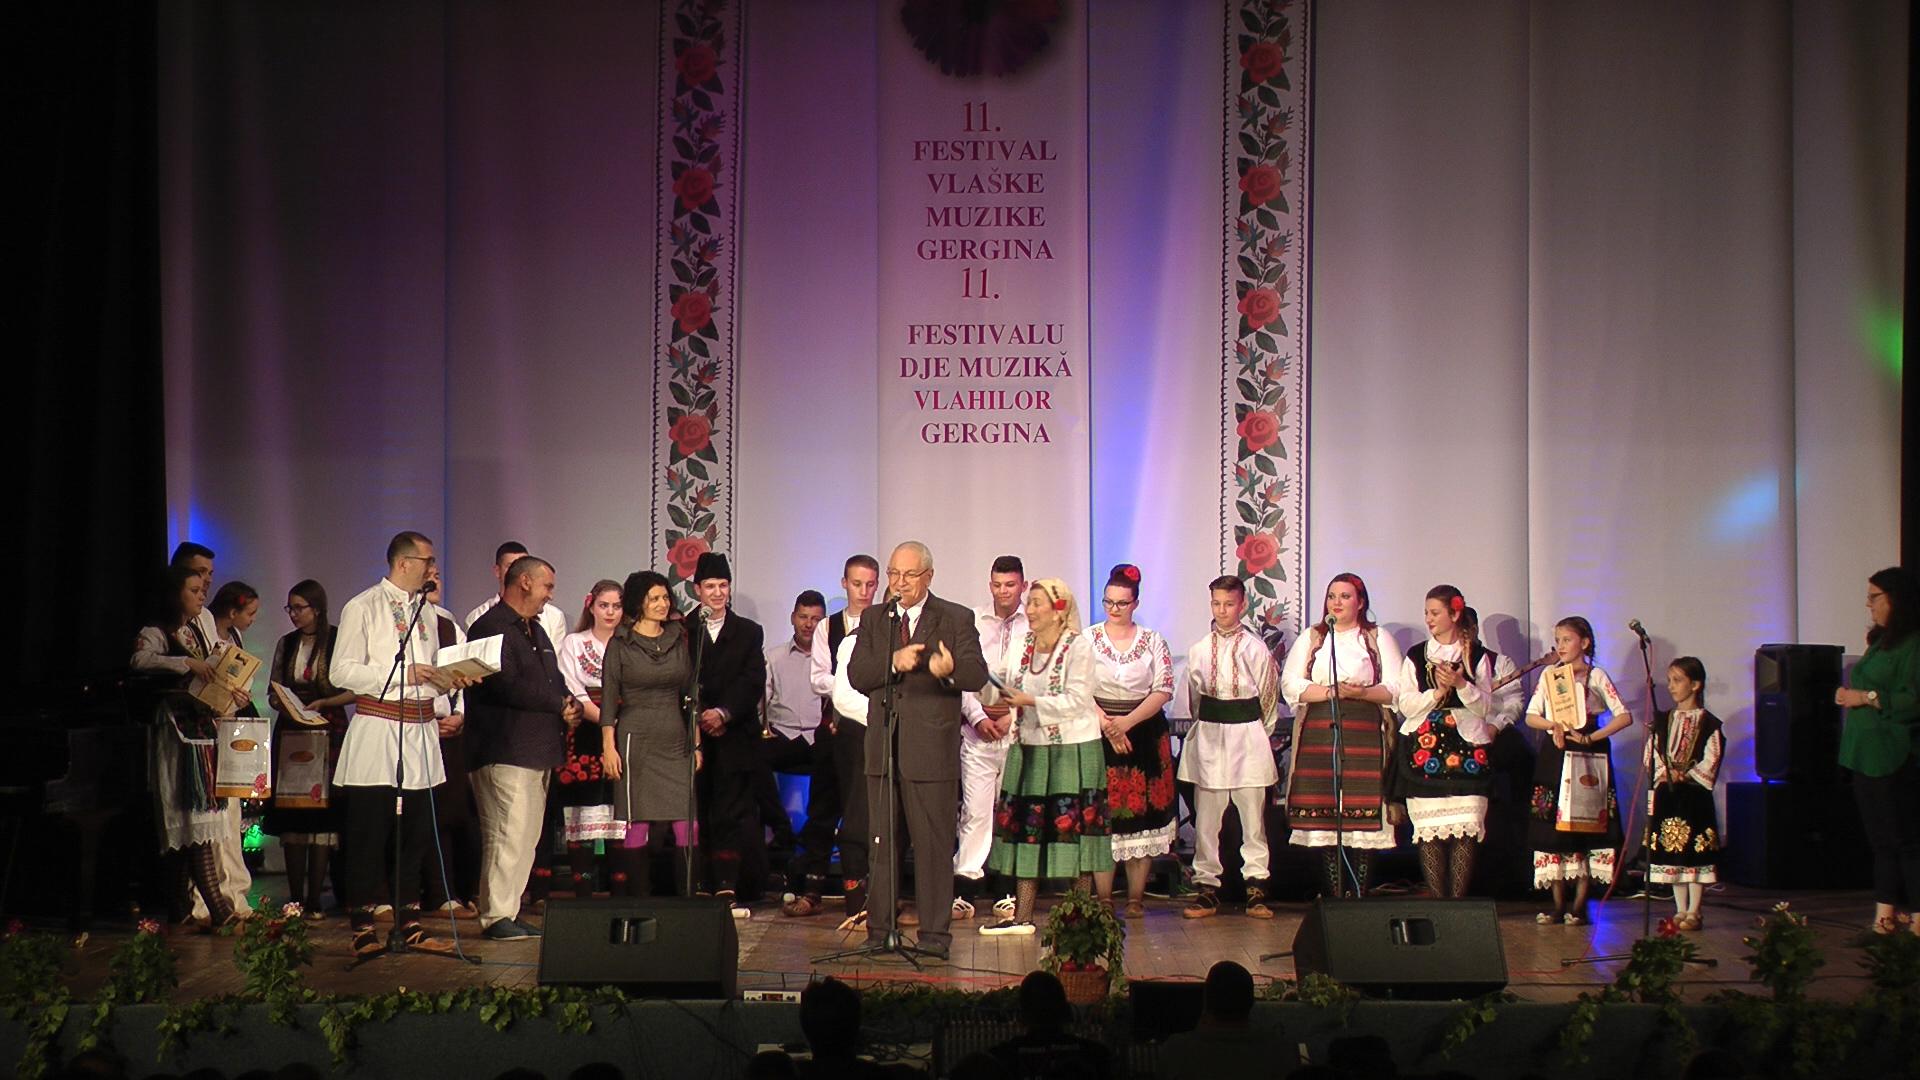 """Negotin: Počeo internacionalni festival vlaške izvorne muzike """"Gergina 2019"""""""